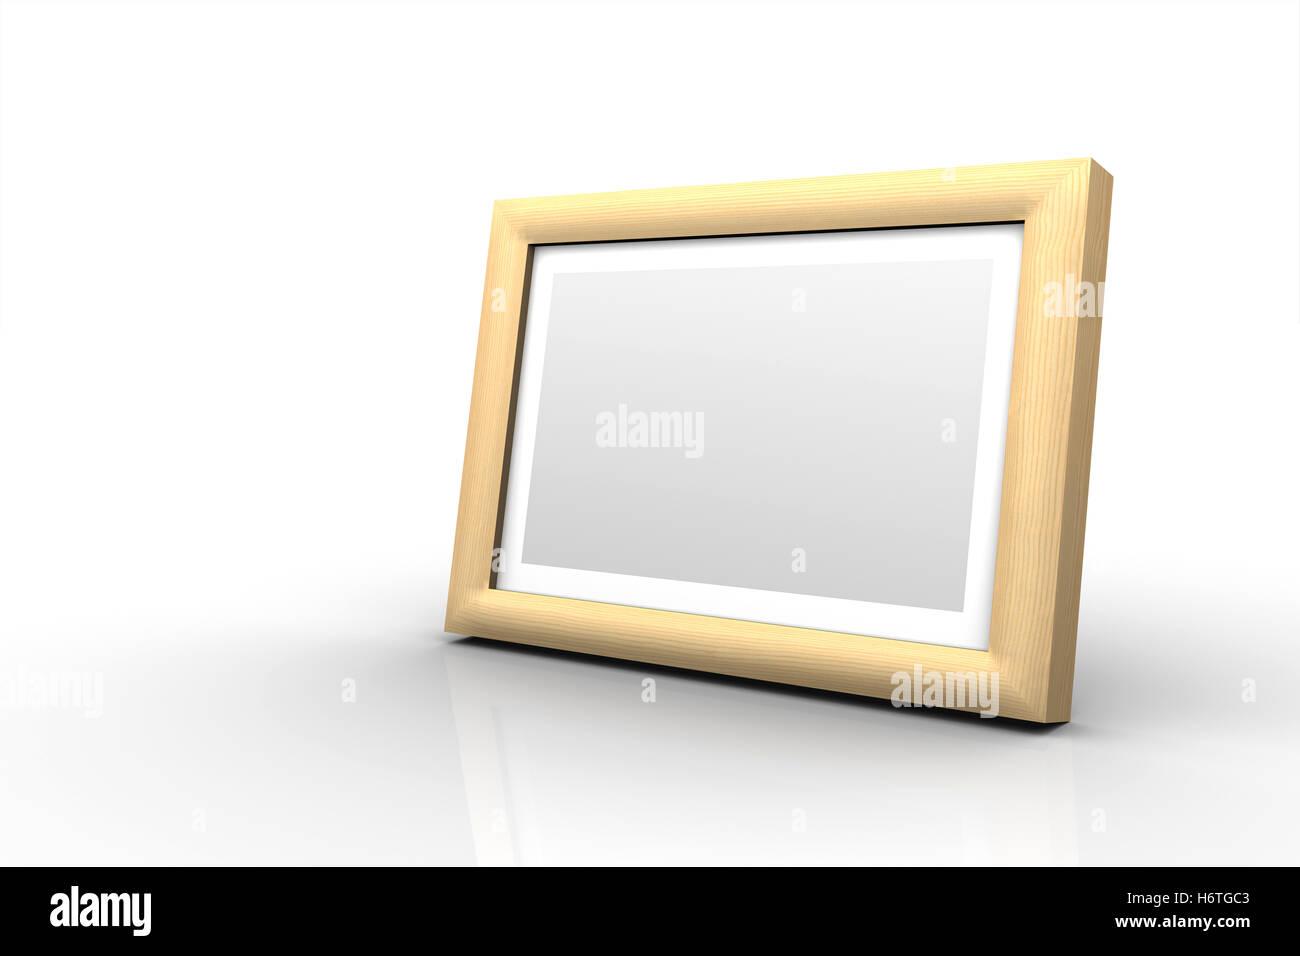 Polaroid Picture Frame Photography Stockfotos & Polaroid Picture ...